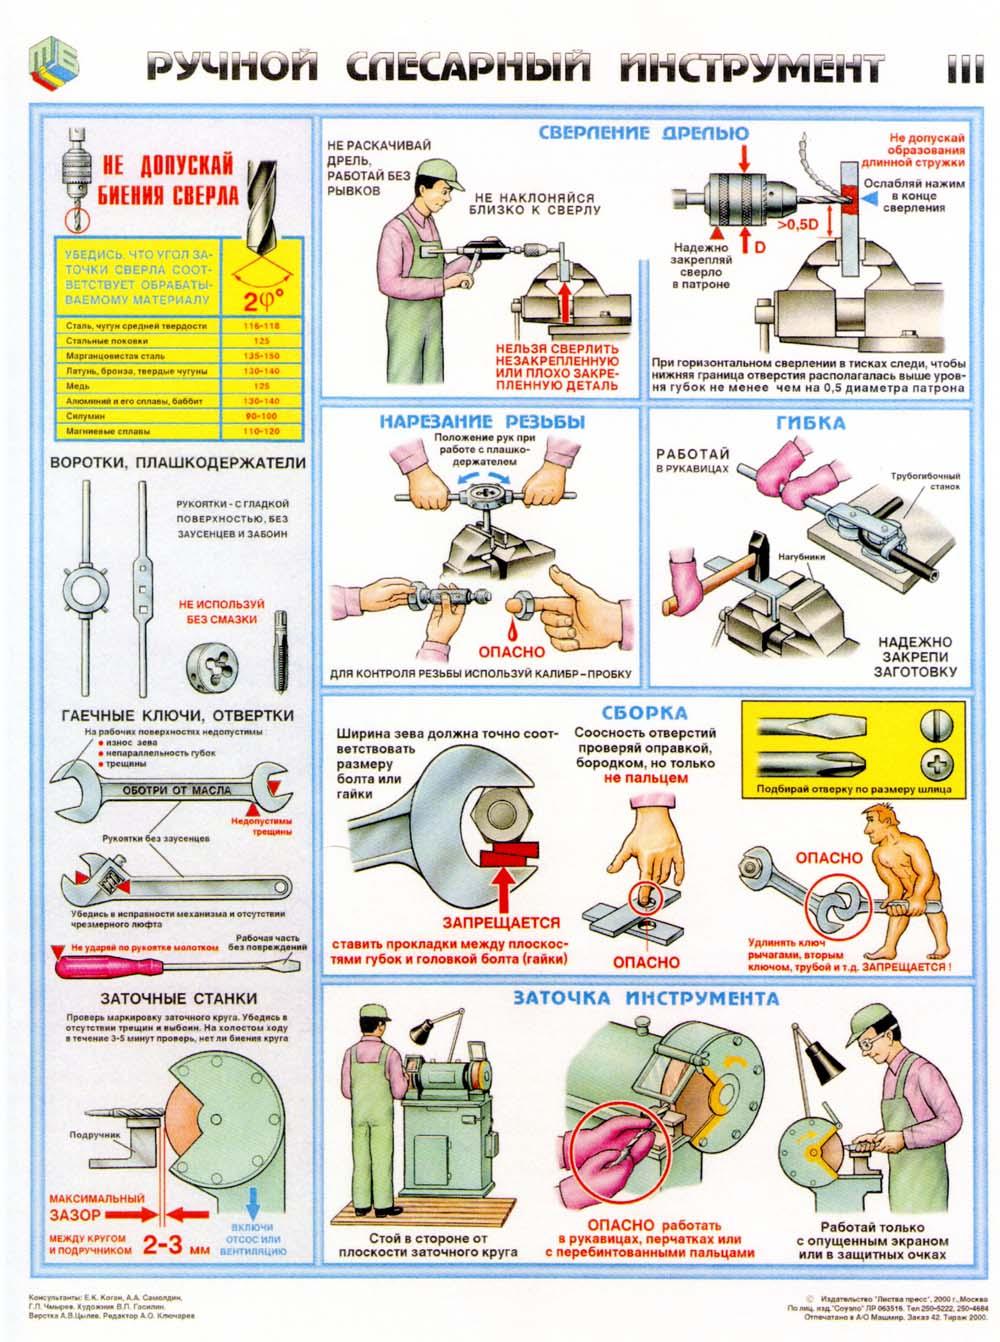 Инструкция по охране труда при работах со слесарным инструментом